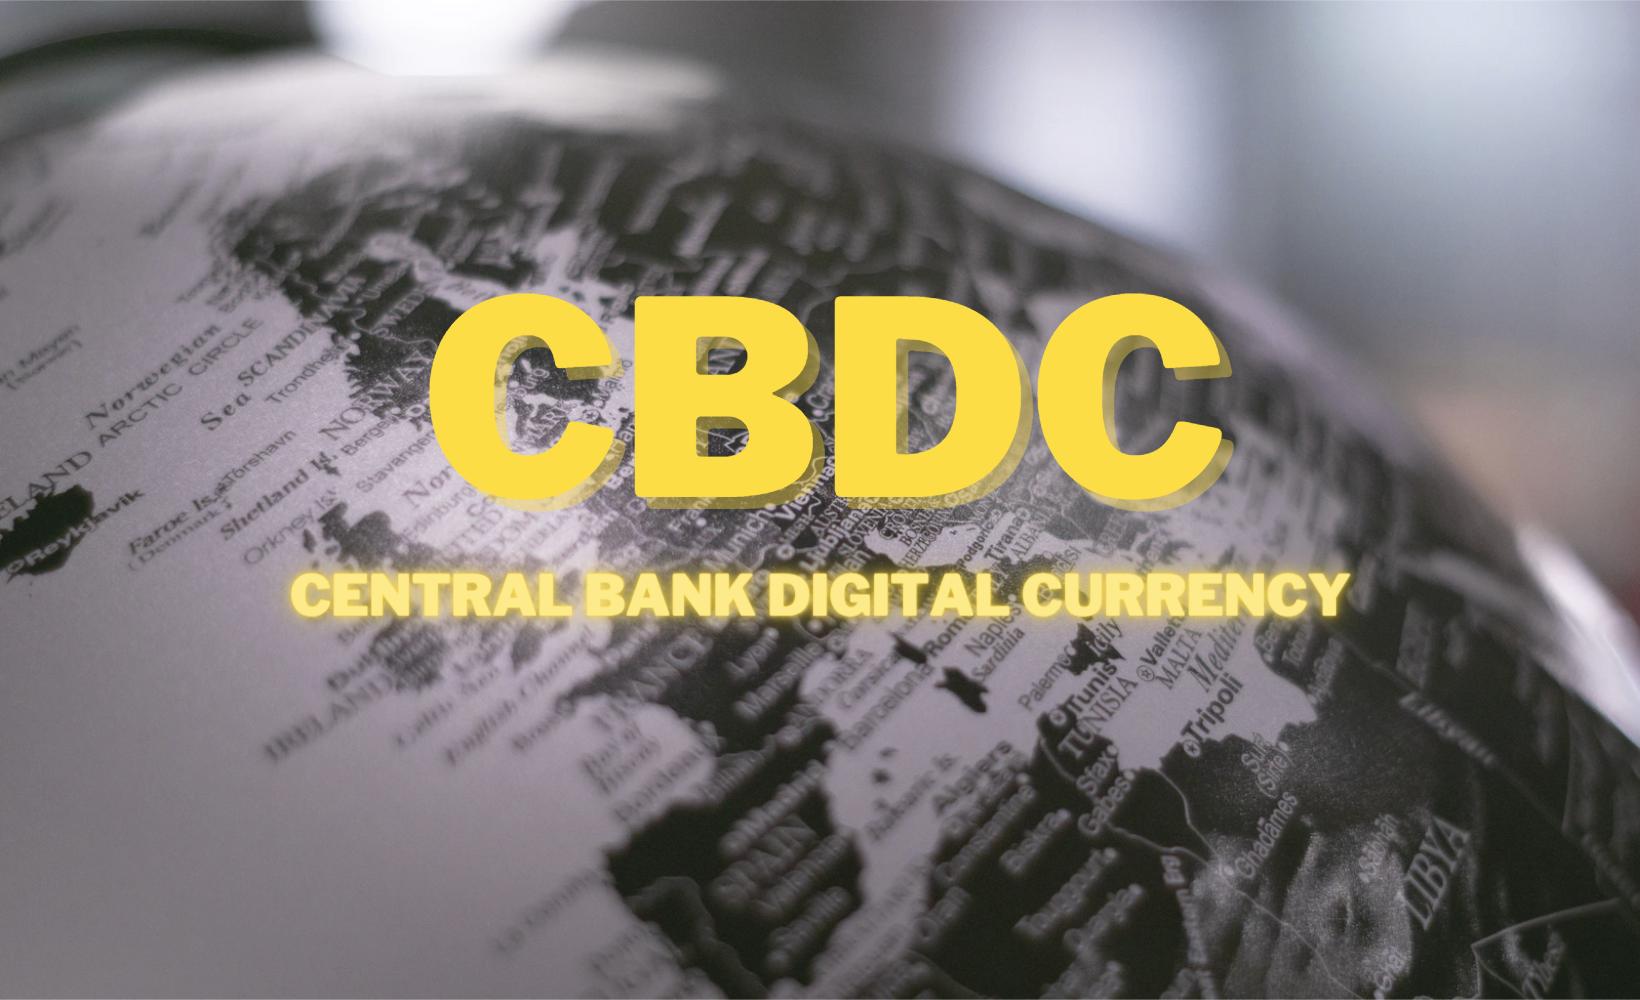 Horizen Labsin perustajan mukaan keskuspankkien digitaaliset valuutat voivat lisätä Bitcoinin suosiota